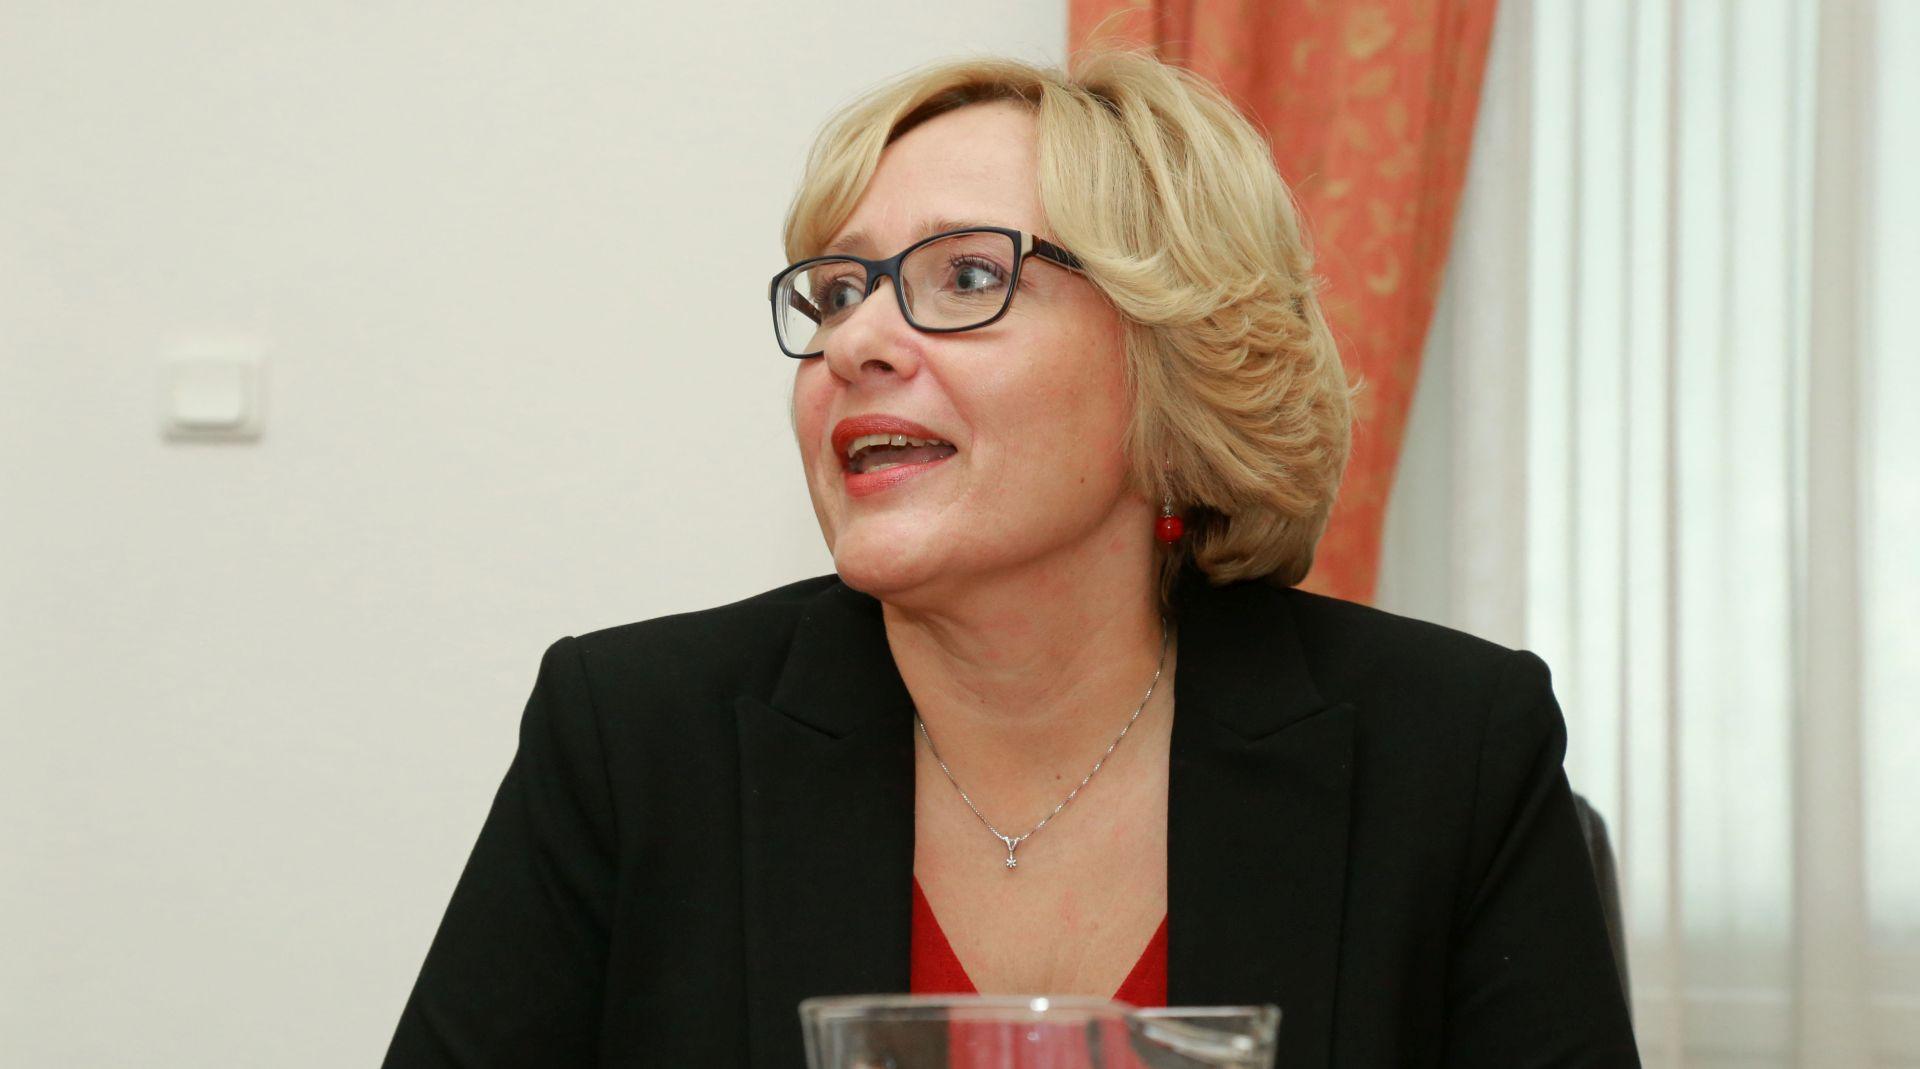 Saborski odbor prihvatio izvješće pučke pravobraniteljice za 2018.